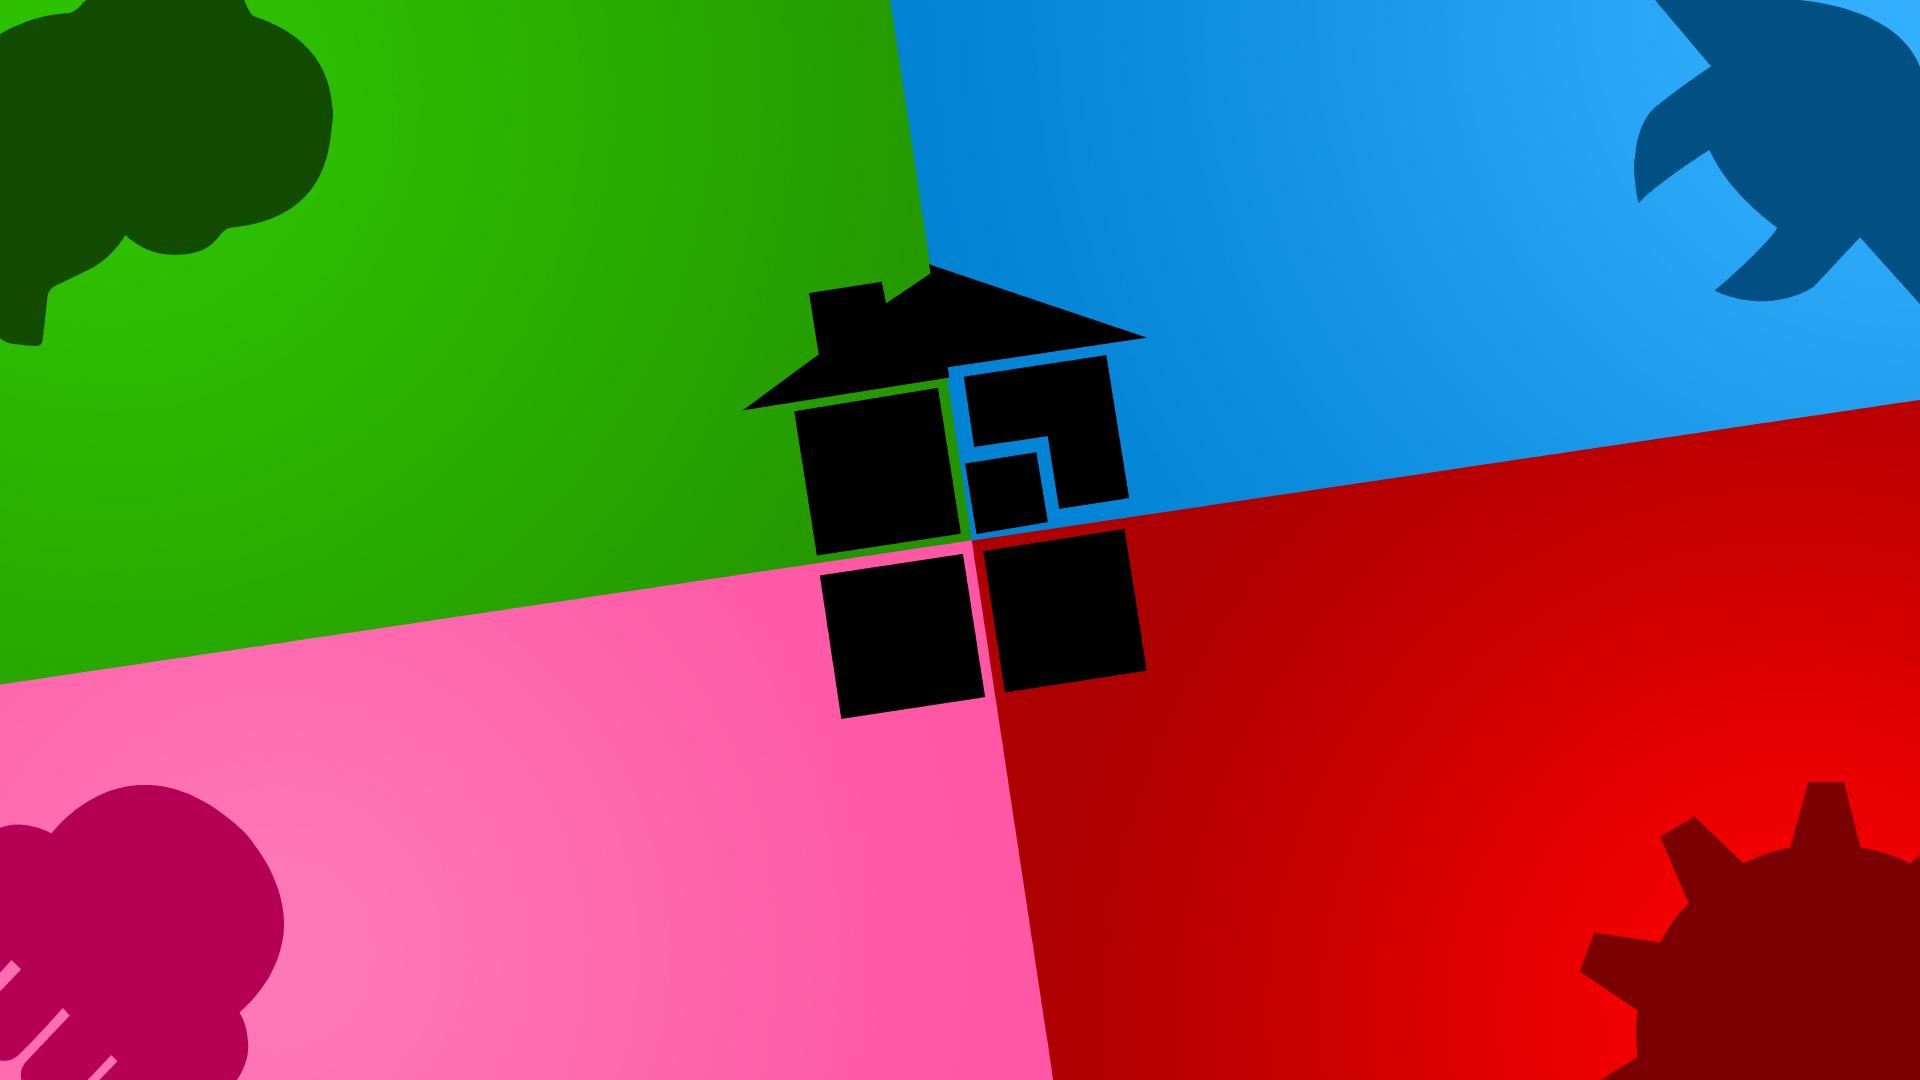 homestuck logo wallpaper -#main